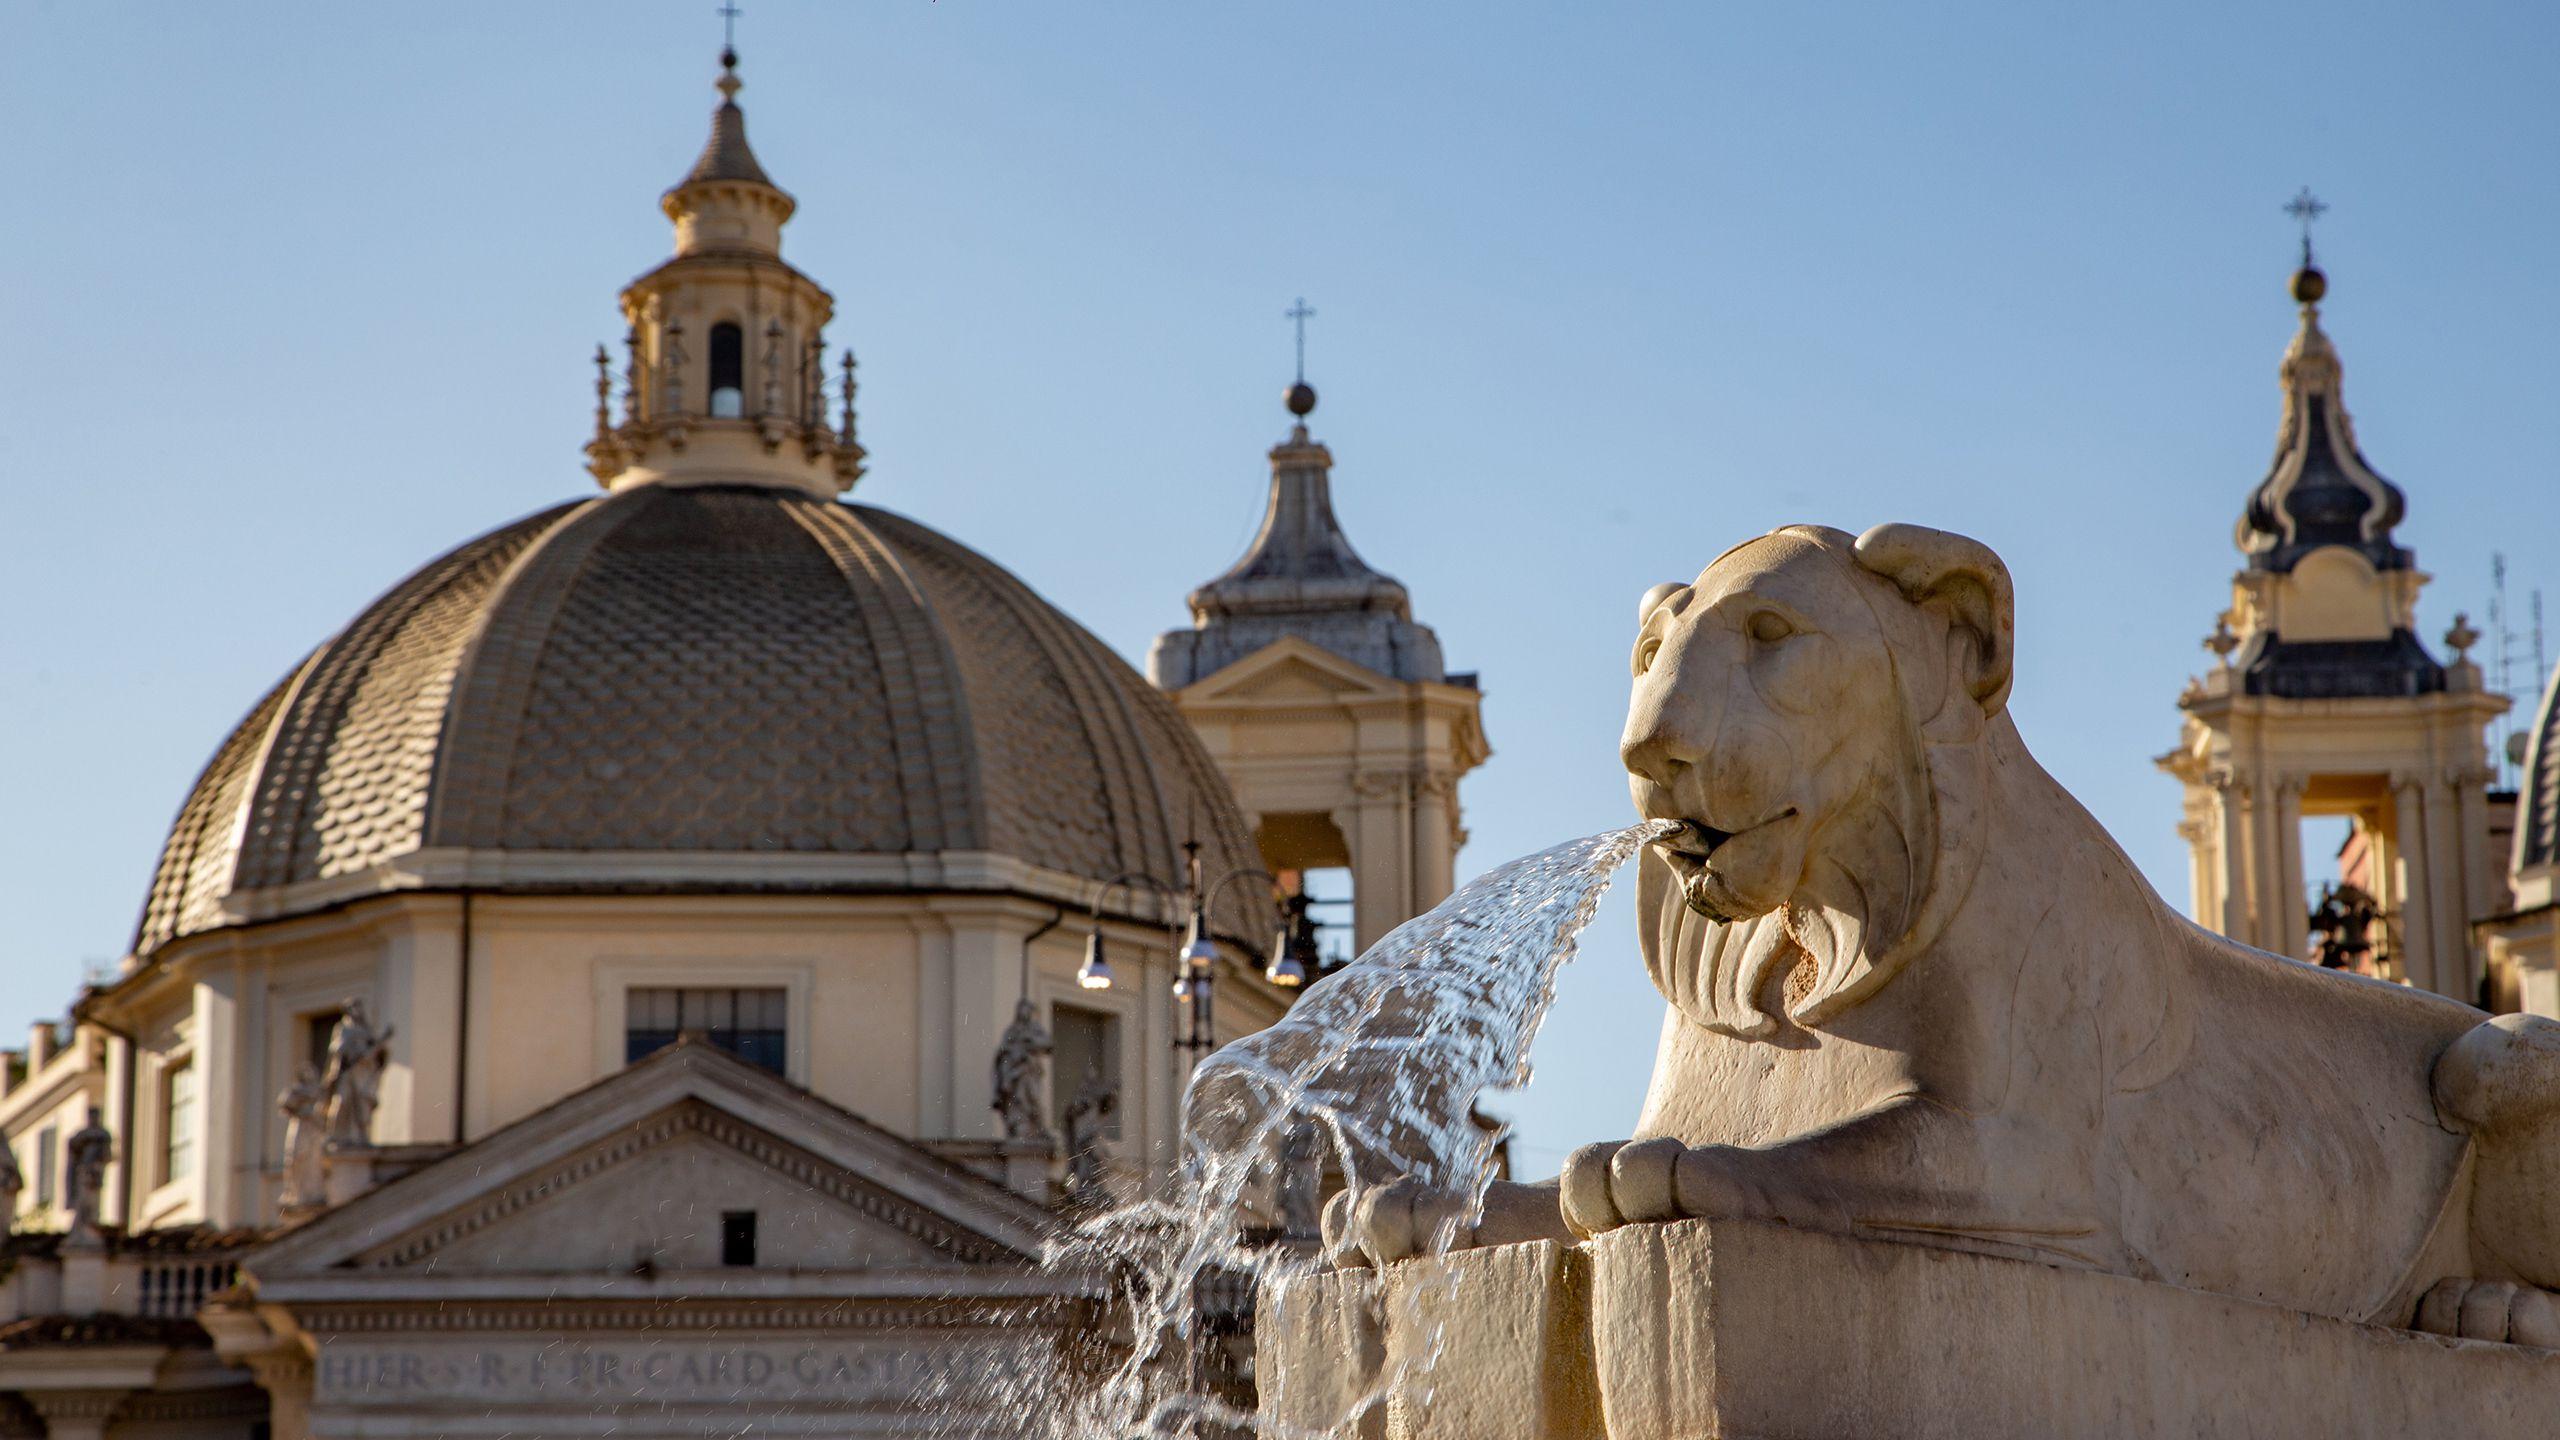 Residenza-Canova-Tadolini-Rome-6693